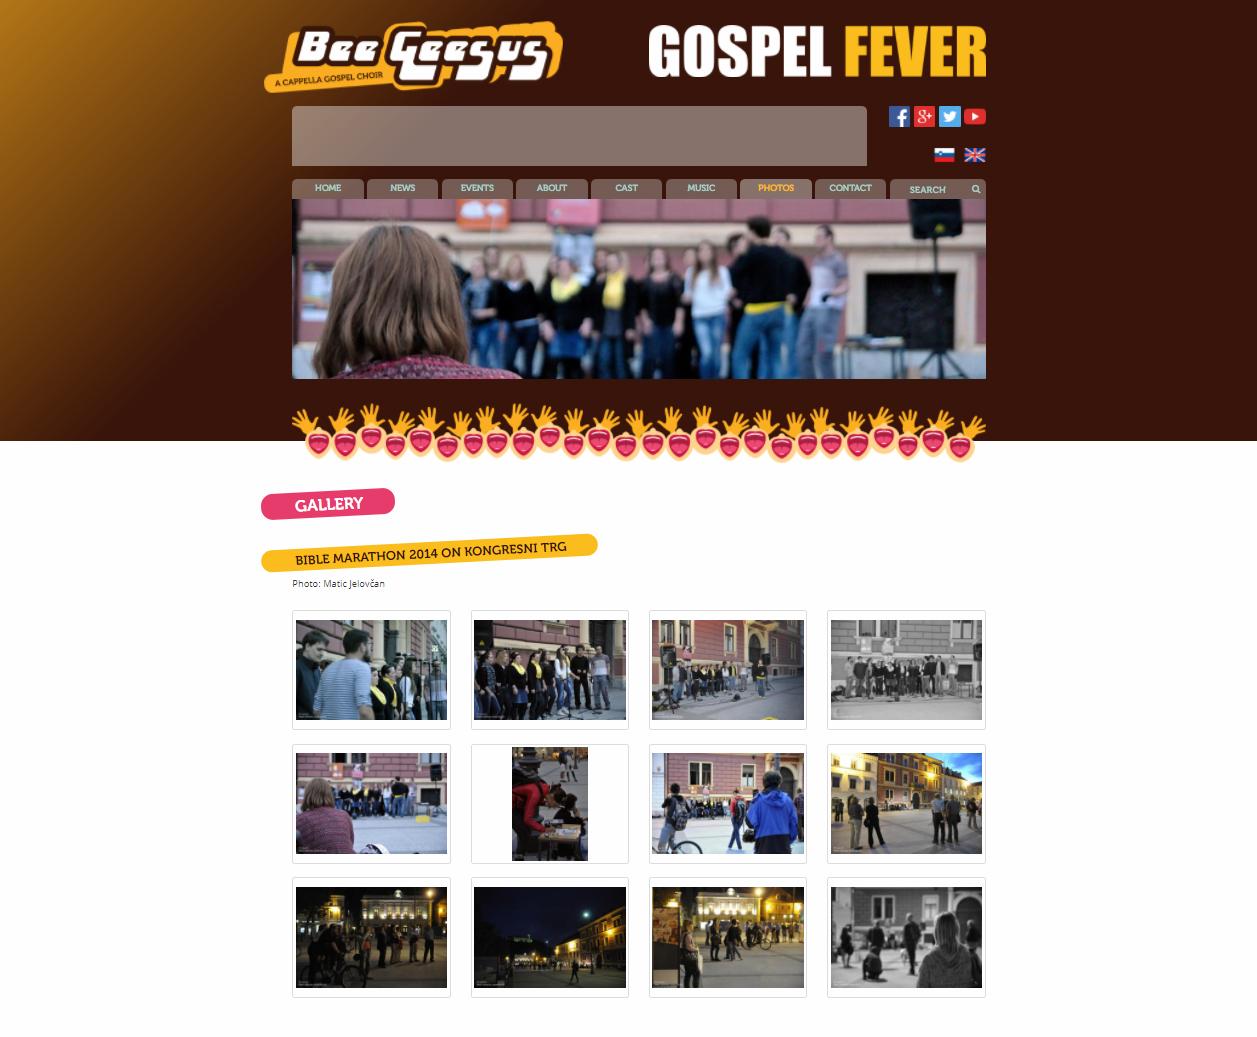 """begeesus - """"BIBLE MARATHON 2014 ON KONGRESNI TRG"""""""